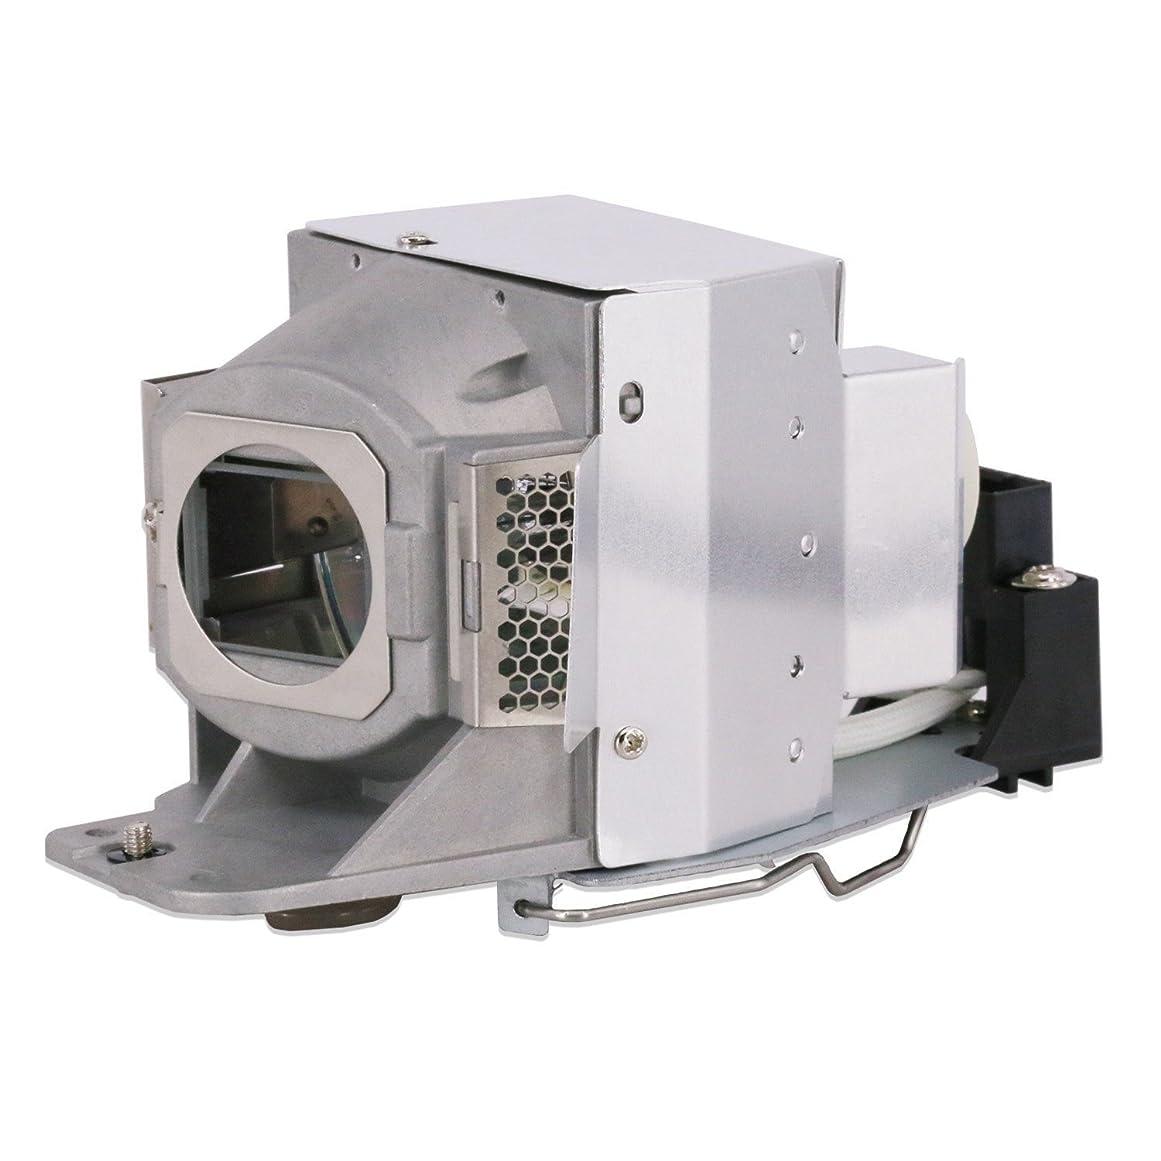 蓋考え物質Supermait 5J.J7L05.001 プロジェクター交換用ランプ (高品質 純正OEMバルブ + 汎用ハウジング) 180日間安心保証つき 適用機種: W1070/W1080ST 対応